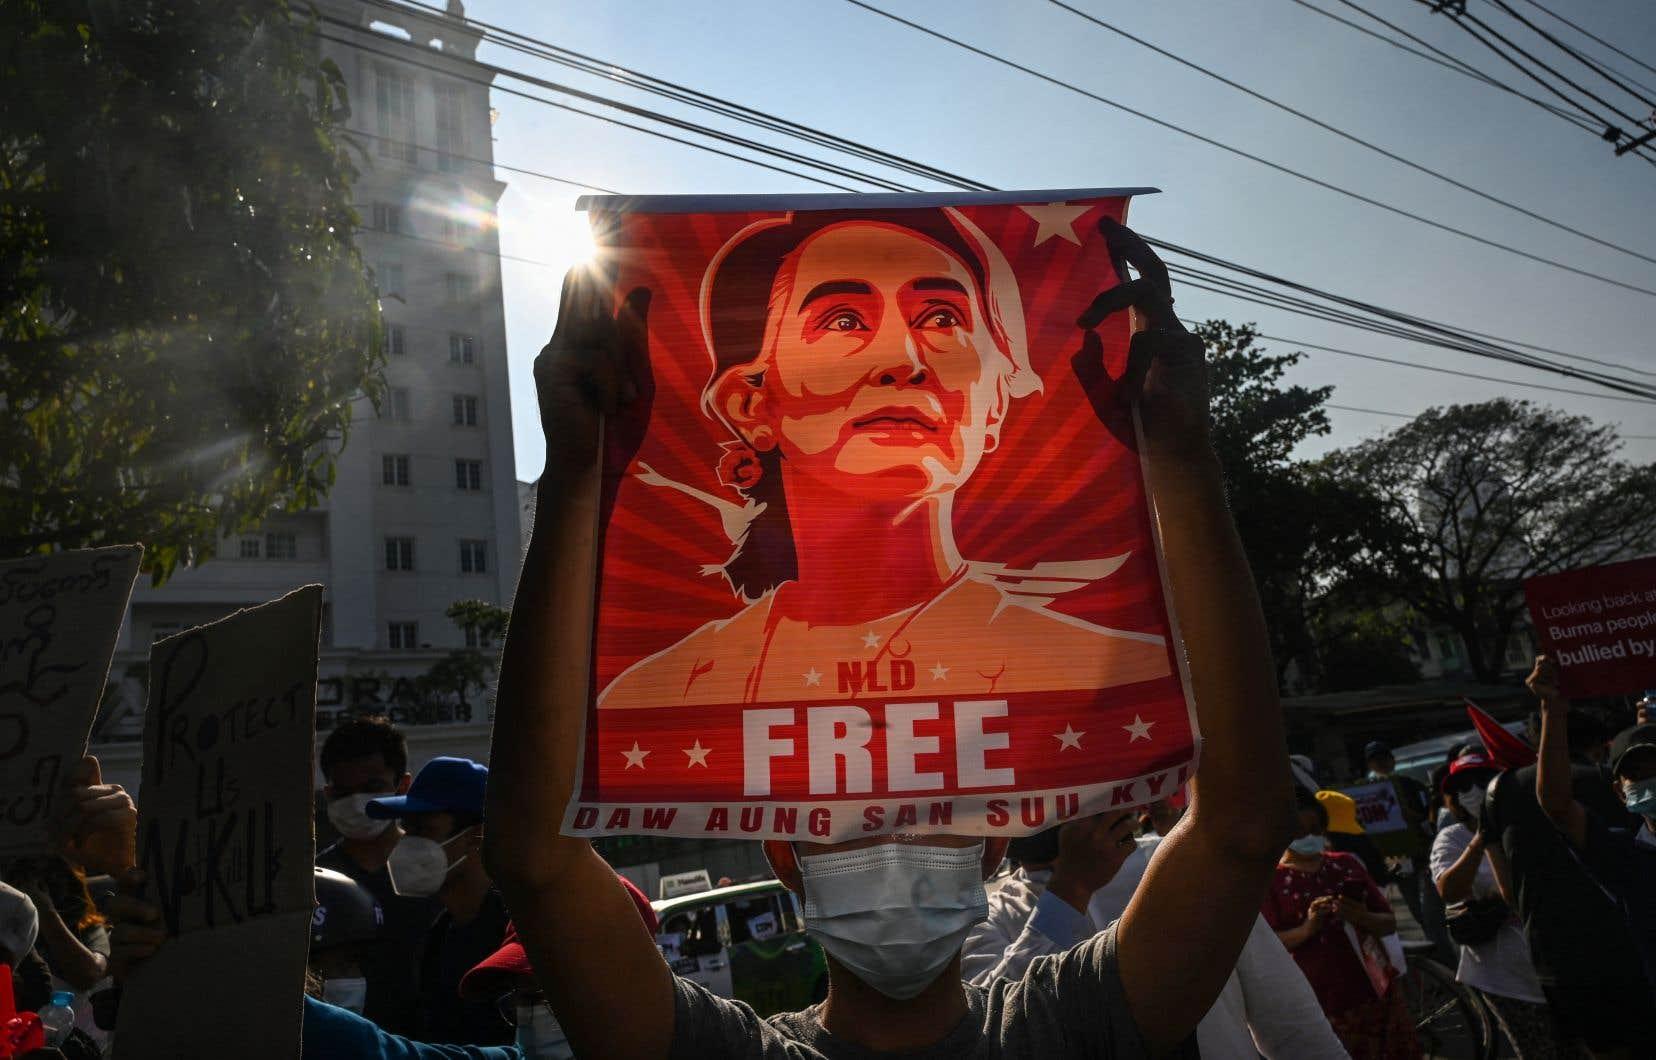 Plusieurs personnes demandent la libération de l'ancienne cheffe du gouvernement Aung San Suu Kyi, renversée par la junte militaire le 1er février.